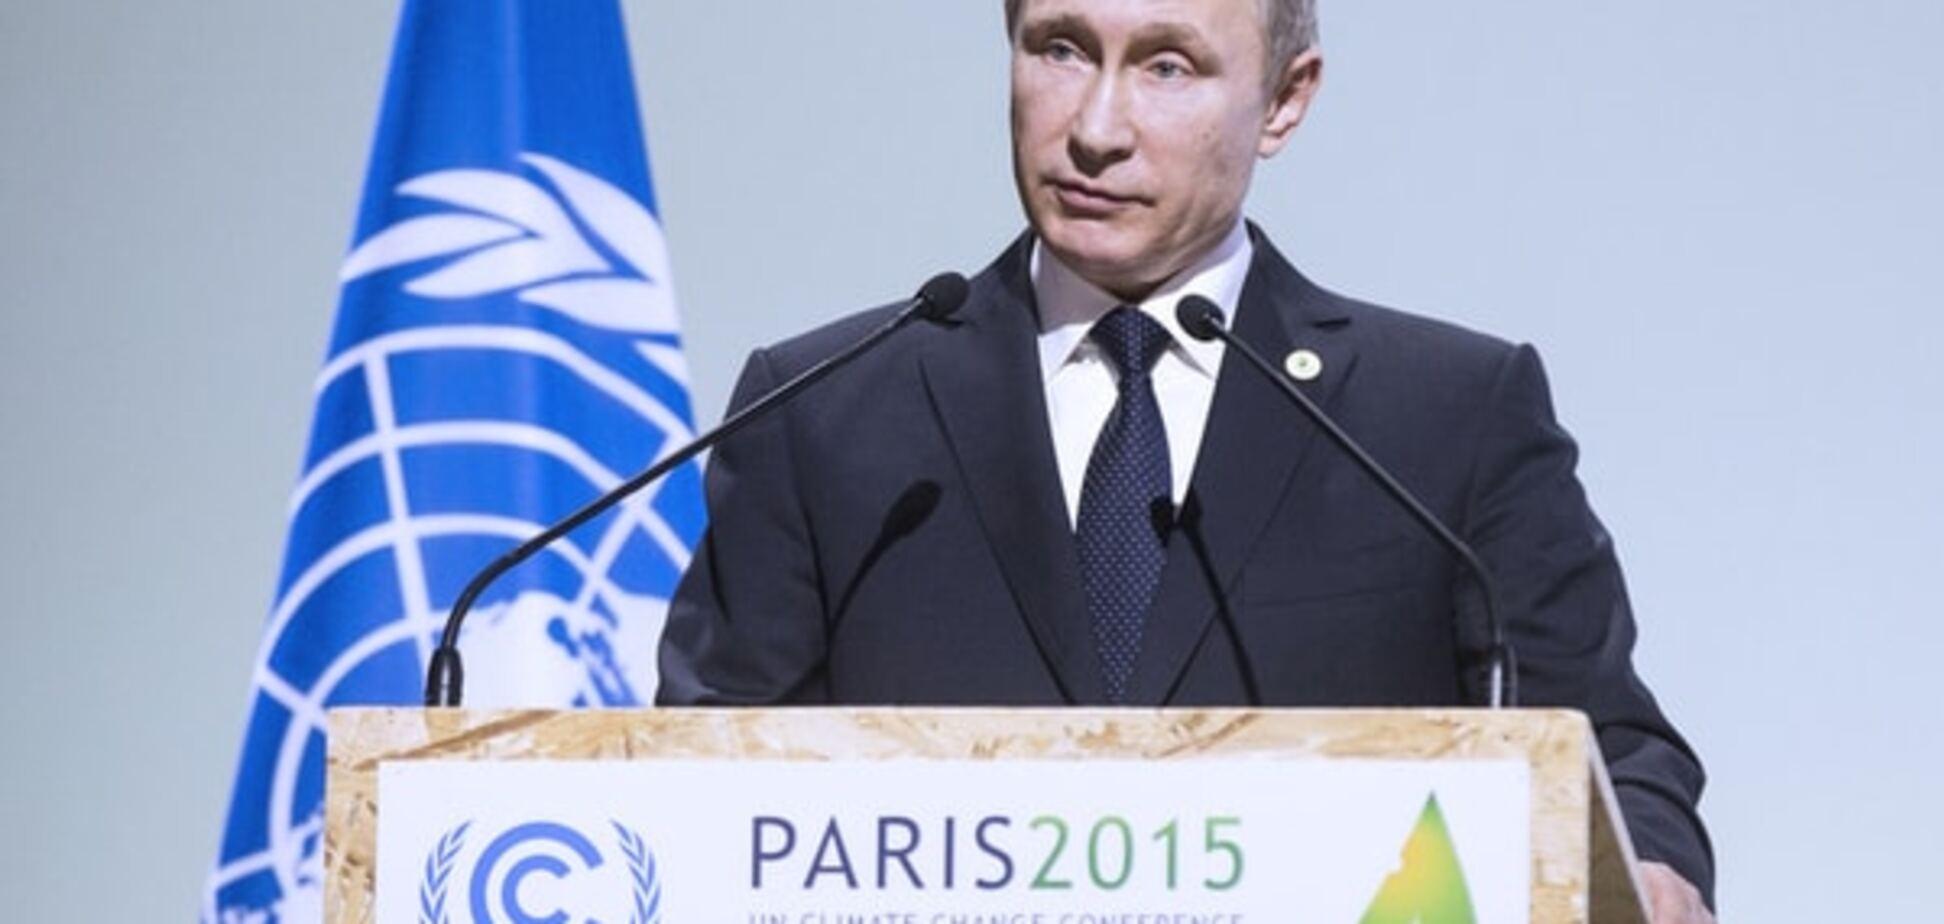 Б'є перший: Фельштинський пояснив, навіщо Путін розпалює війни